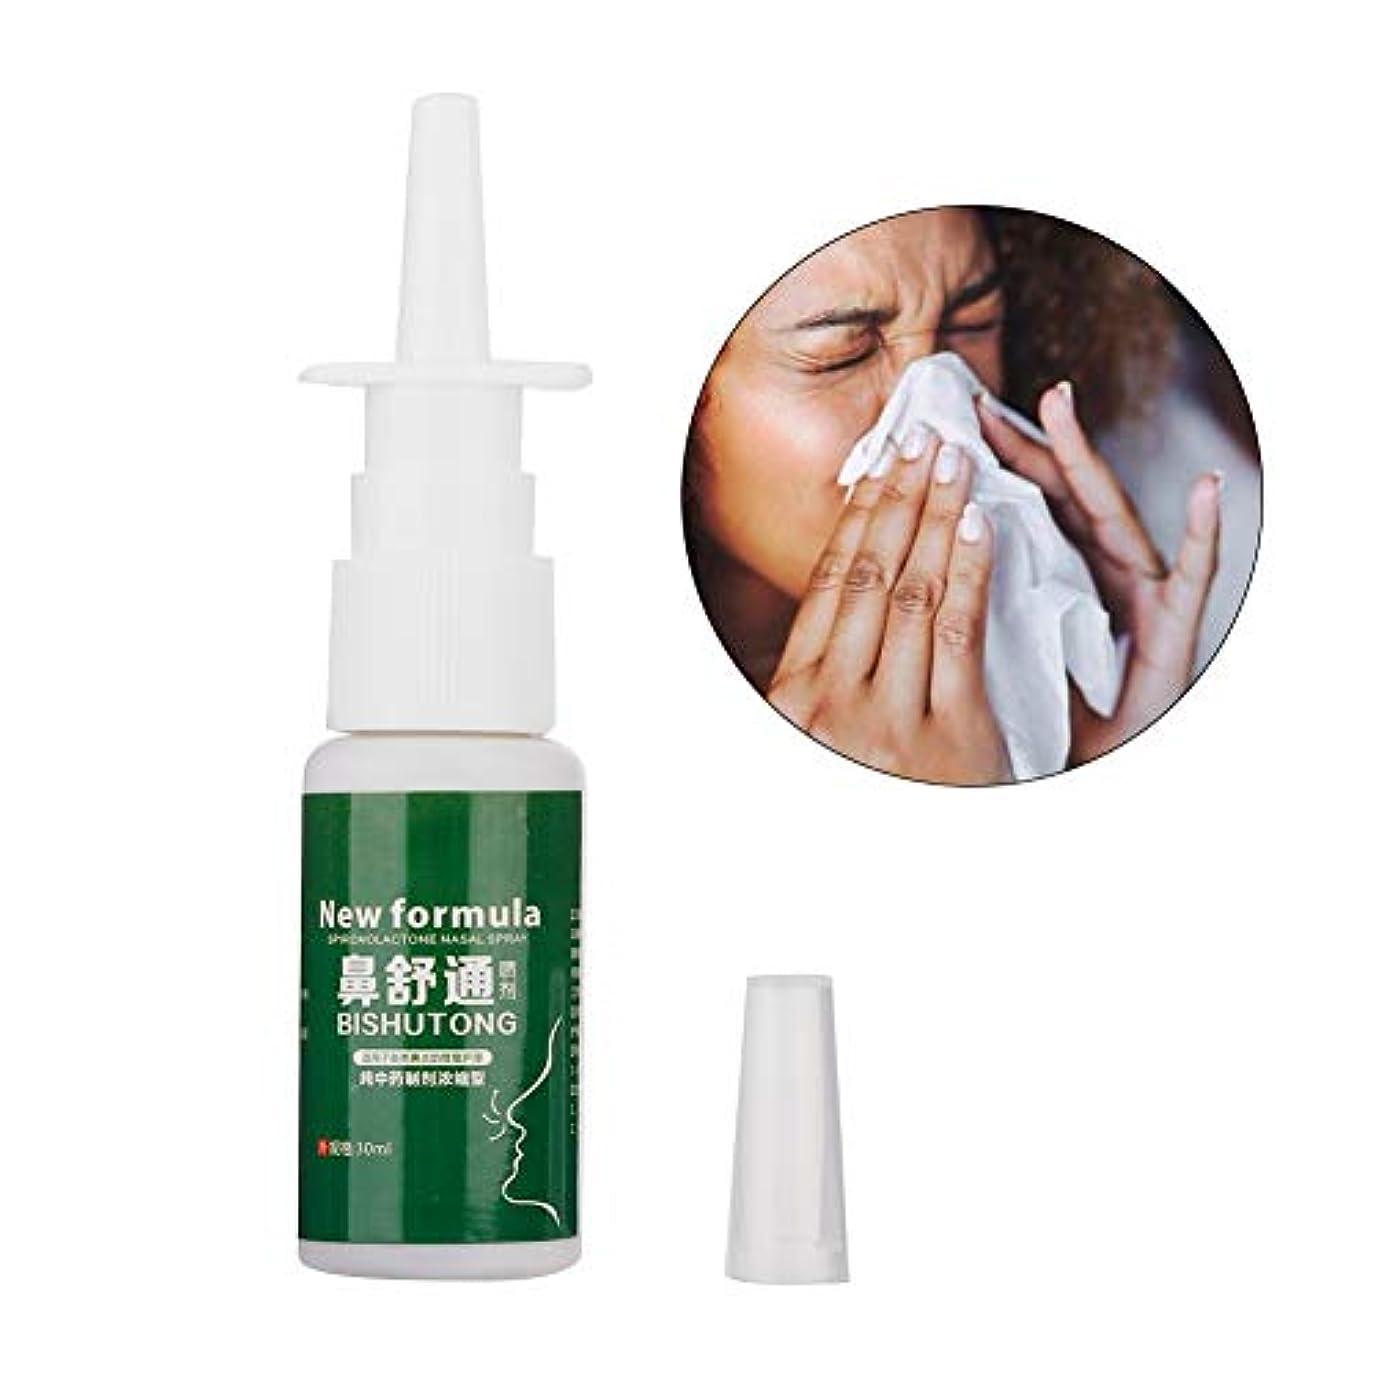 展開する高速道路溶岩鼻アレルギー鼻炎スプレー、30ml鼻炎ハーブスプレー鼻アレルギーとかゆみ鼻炎のための漢方薬